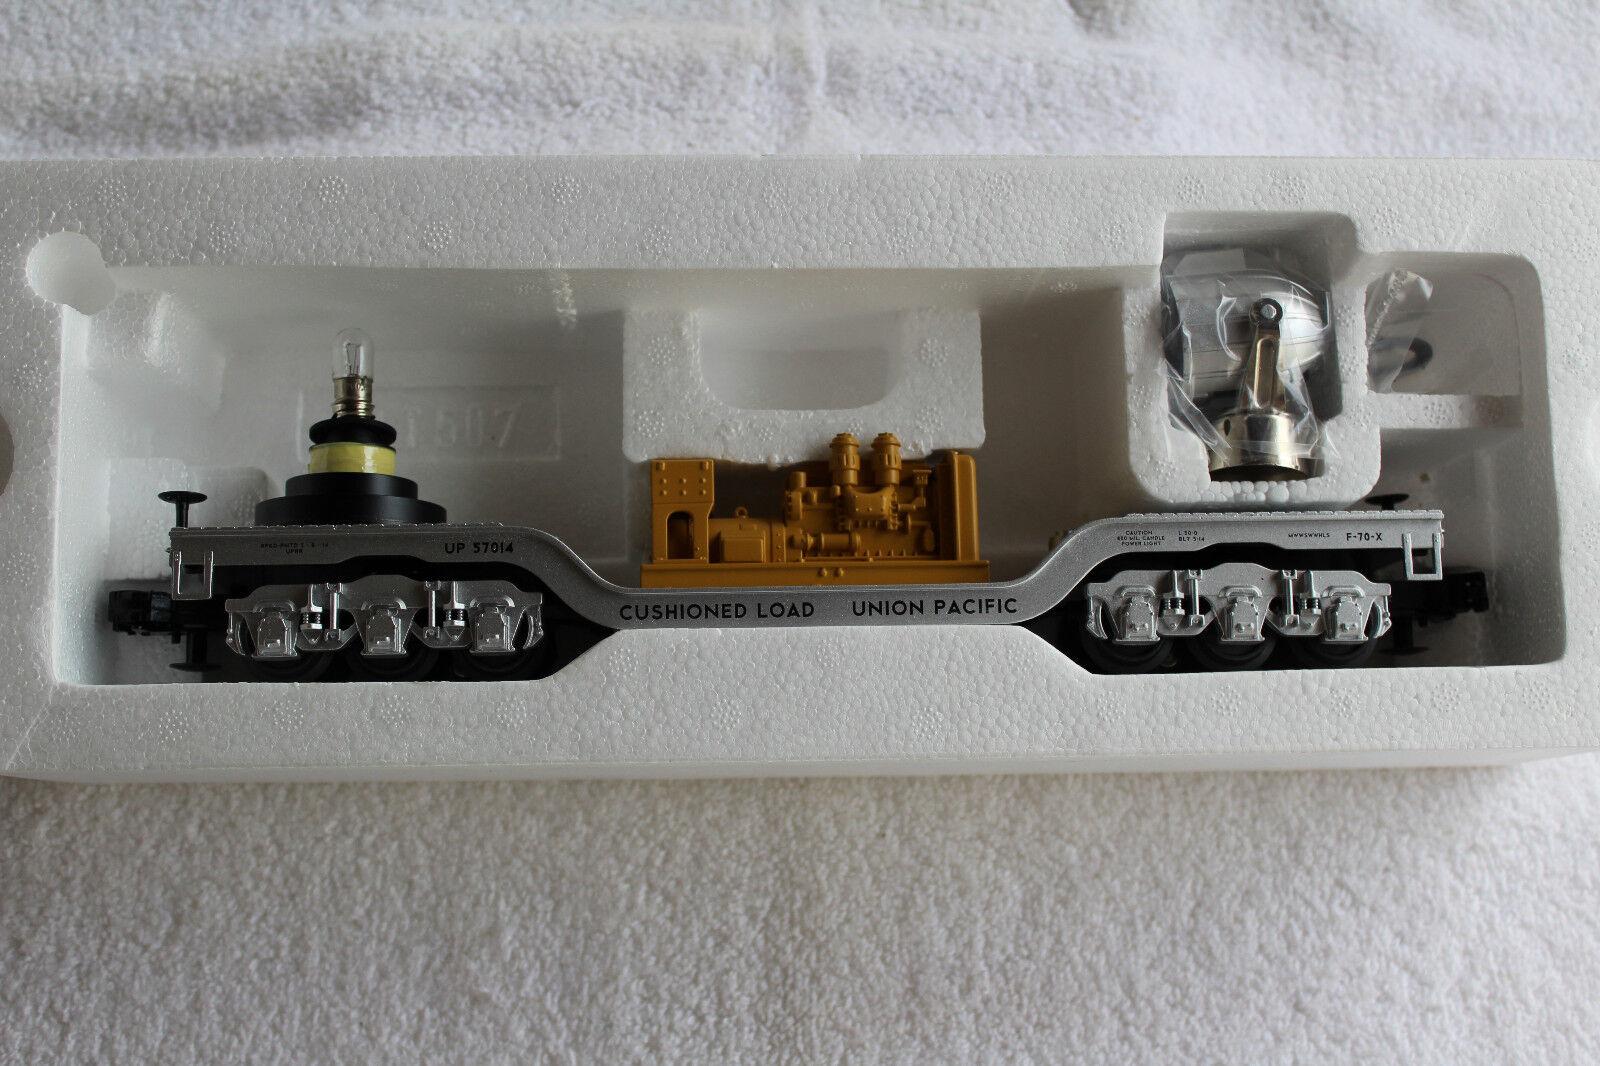 30-79419 Union Pacific Searchlight Coche Nuevo En Caja